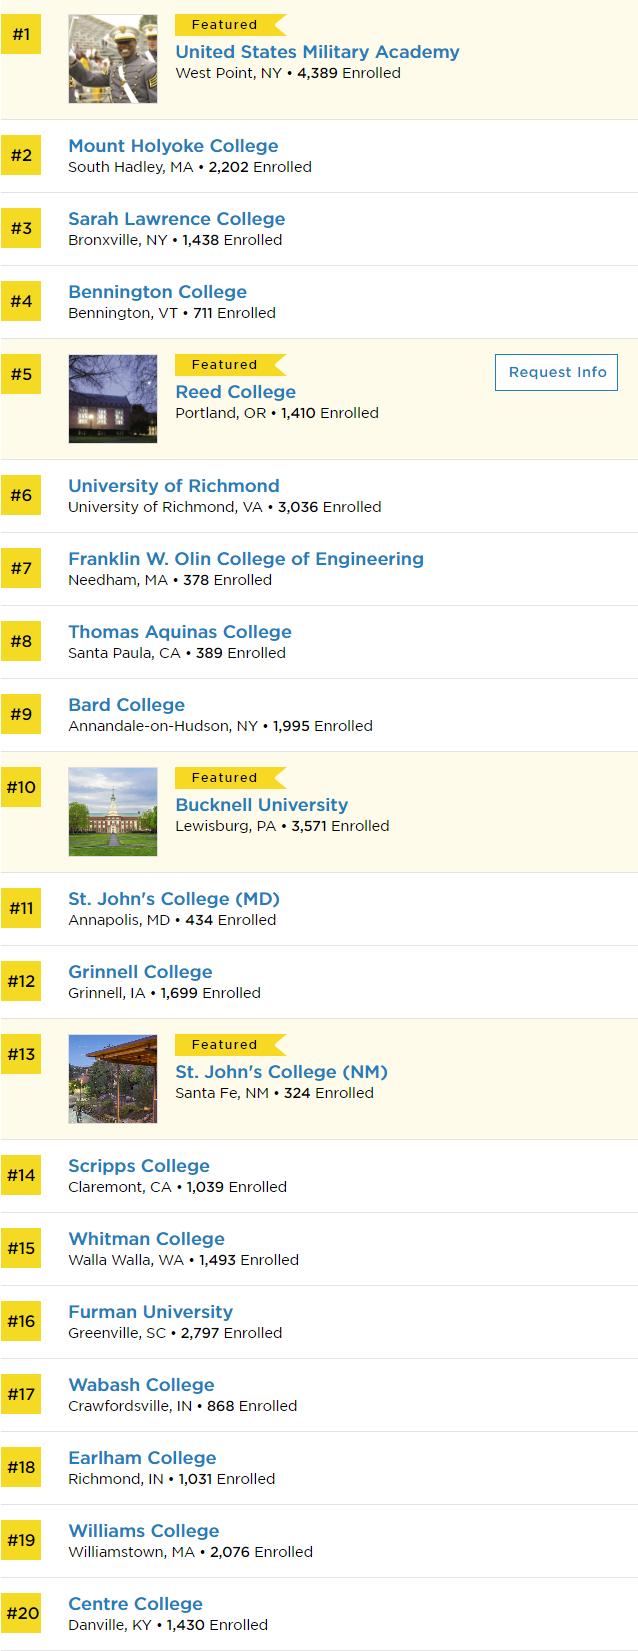 《普林斯顿评论》官网正式发布2018年美国大学排名